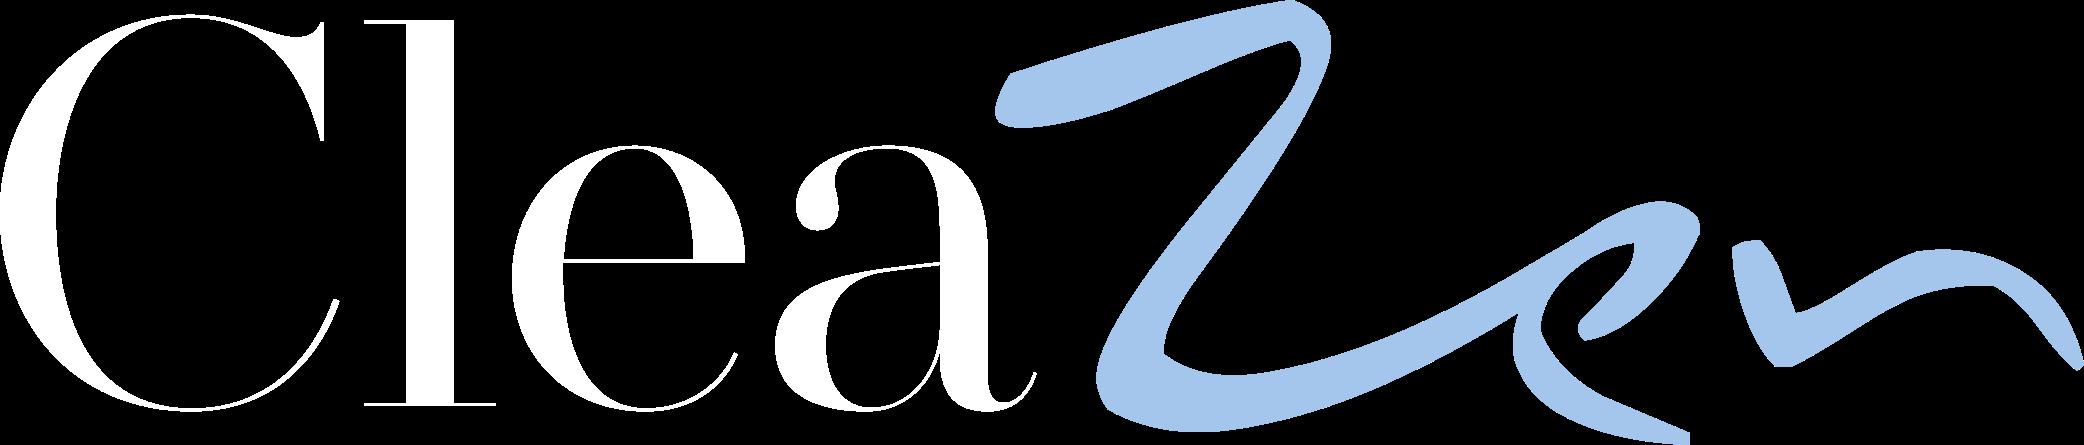 Cleazen - Cabinet de réfléxologie